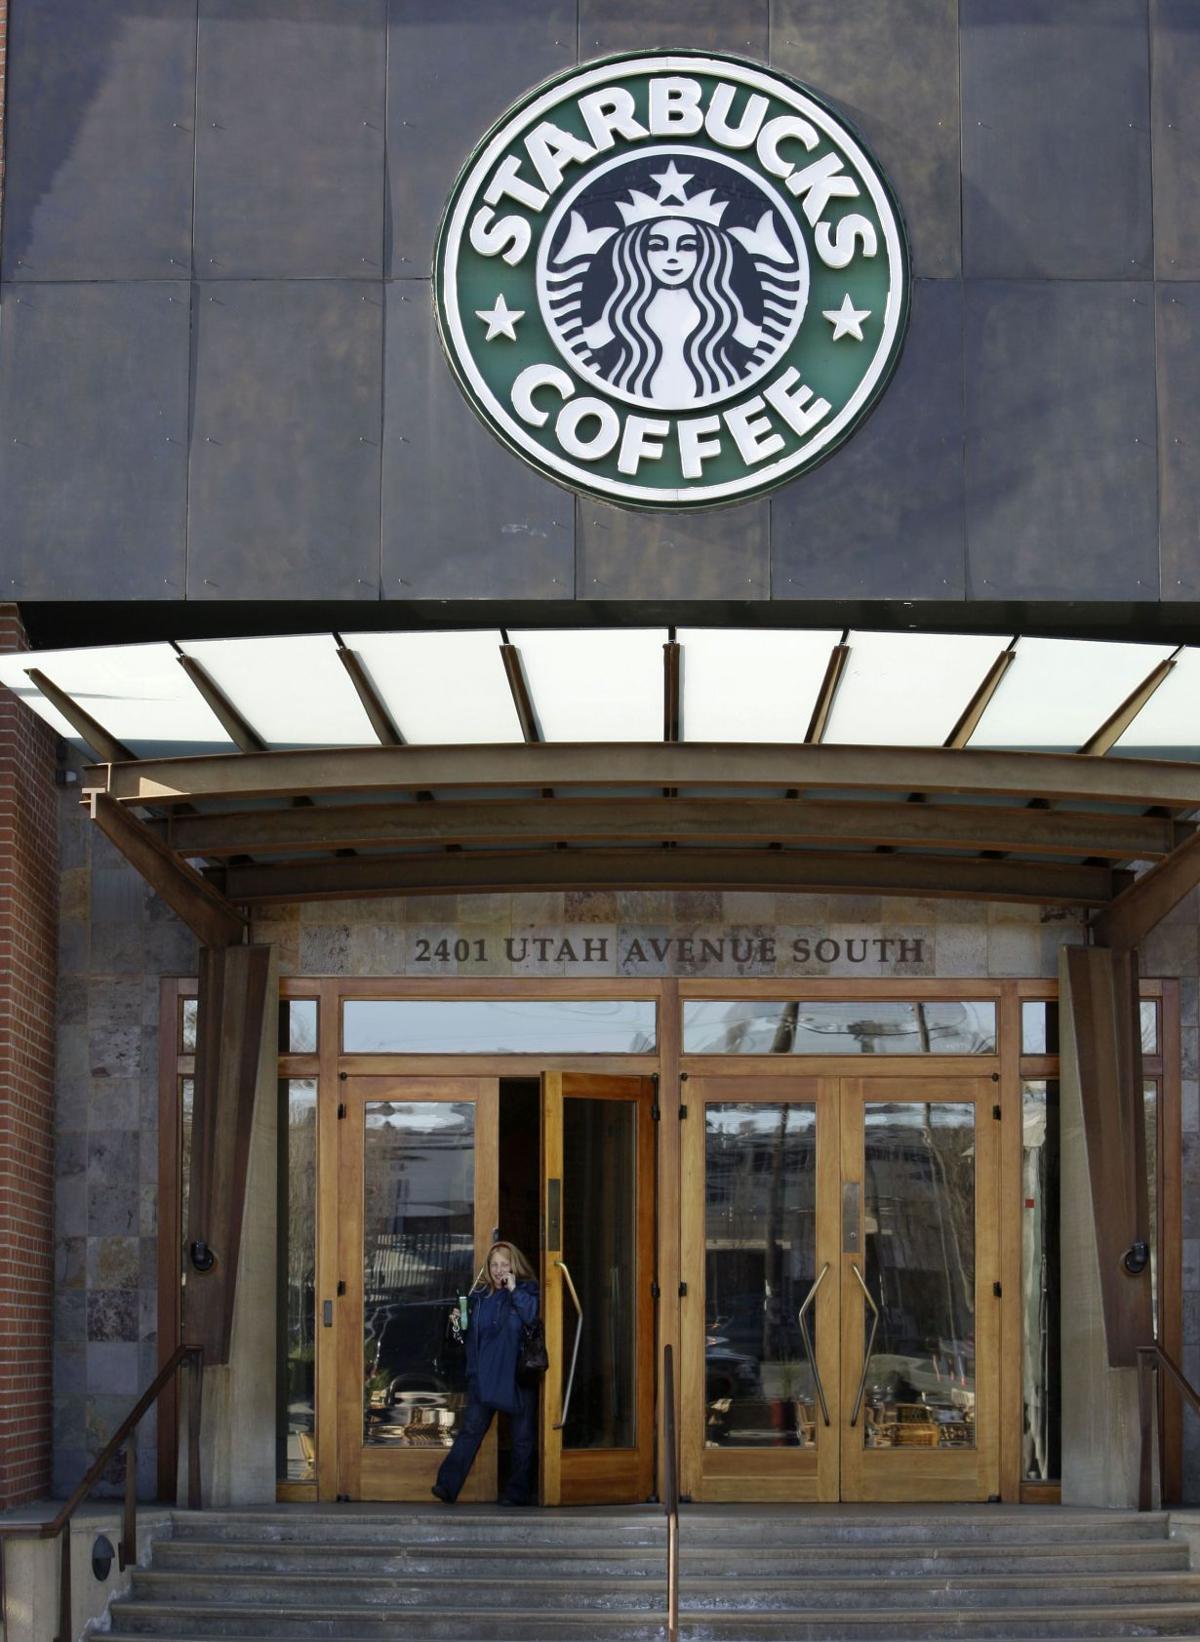 Starbucks' progressive ways draw fire on guns